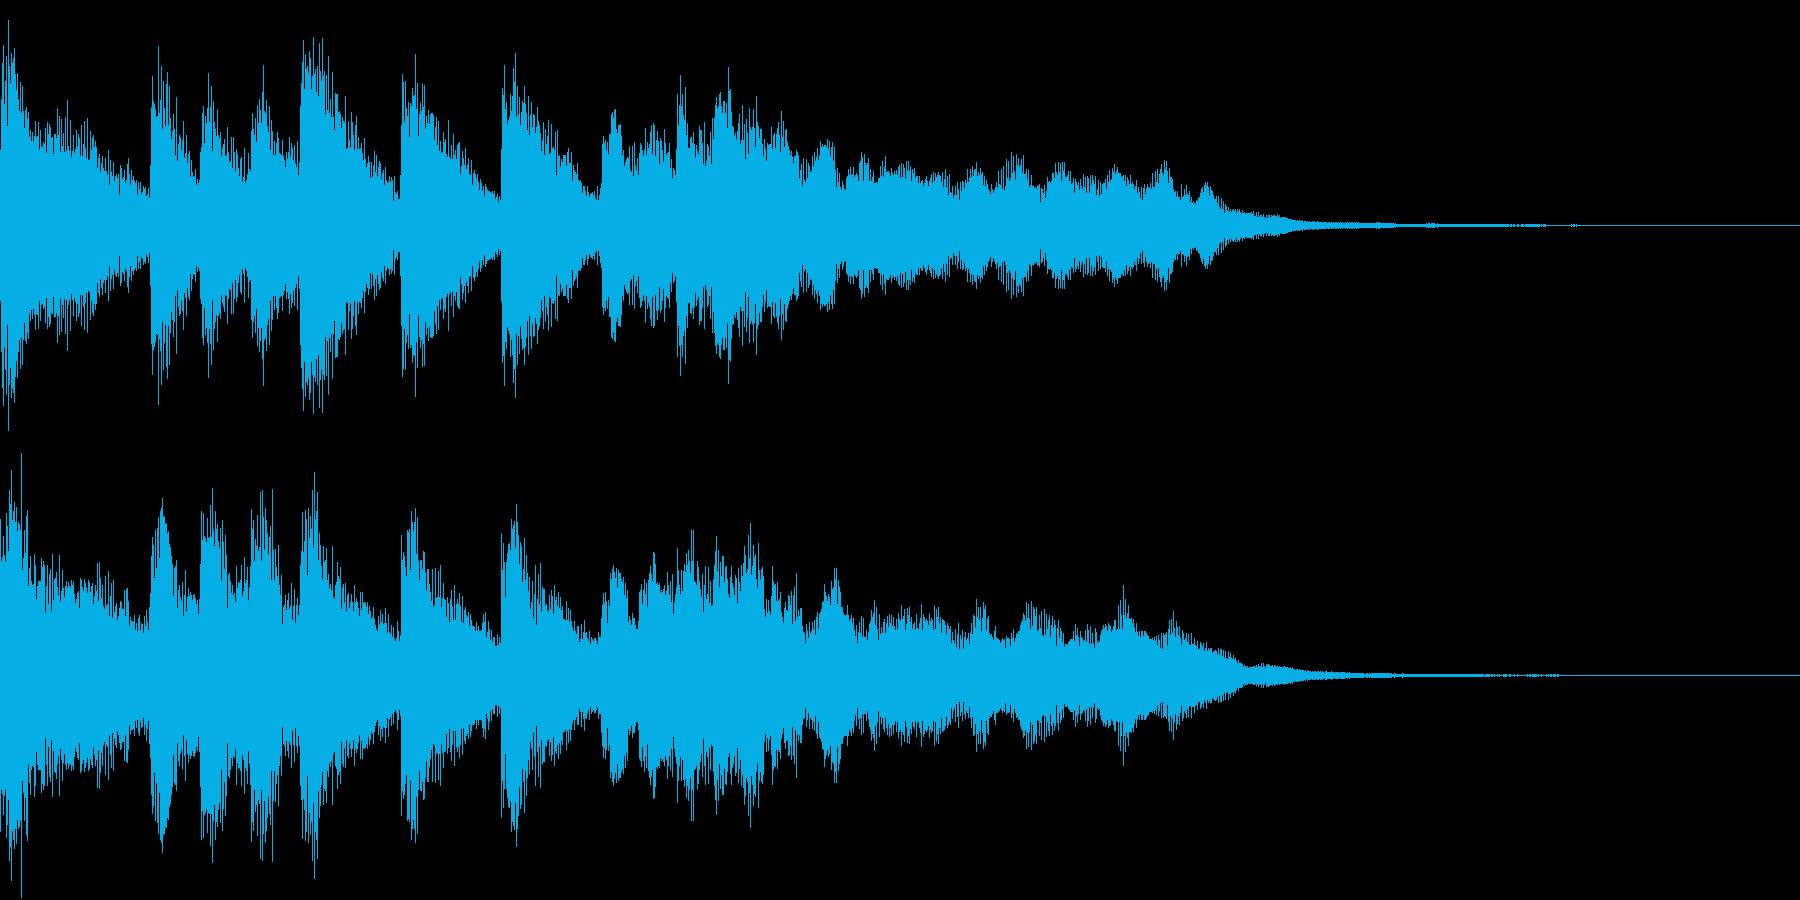 ファンファーレ シンプル ベル 13の再生済みの波形